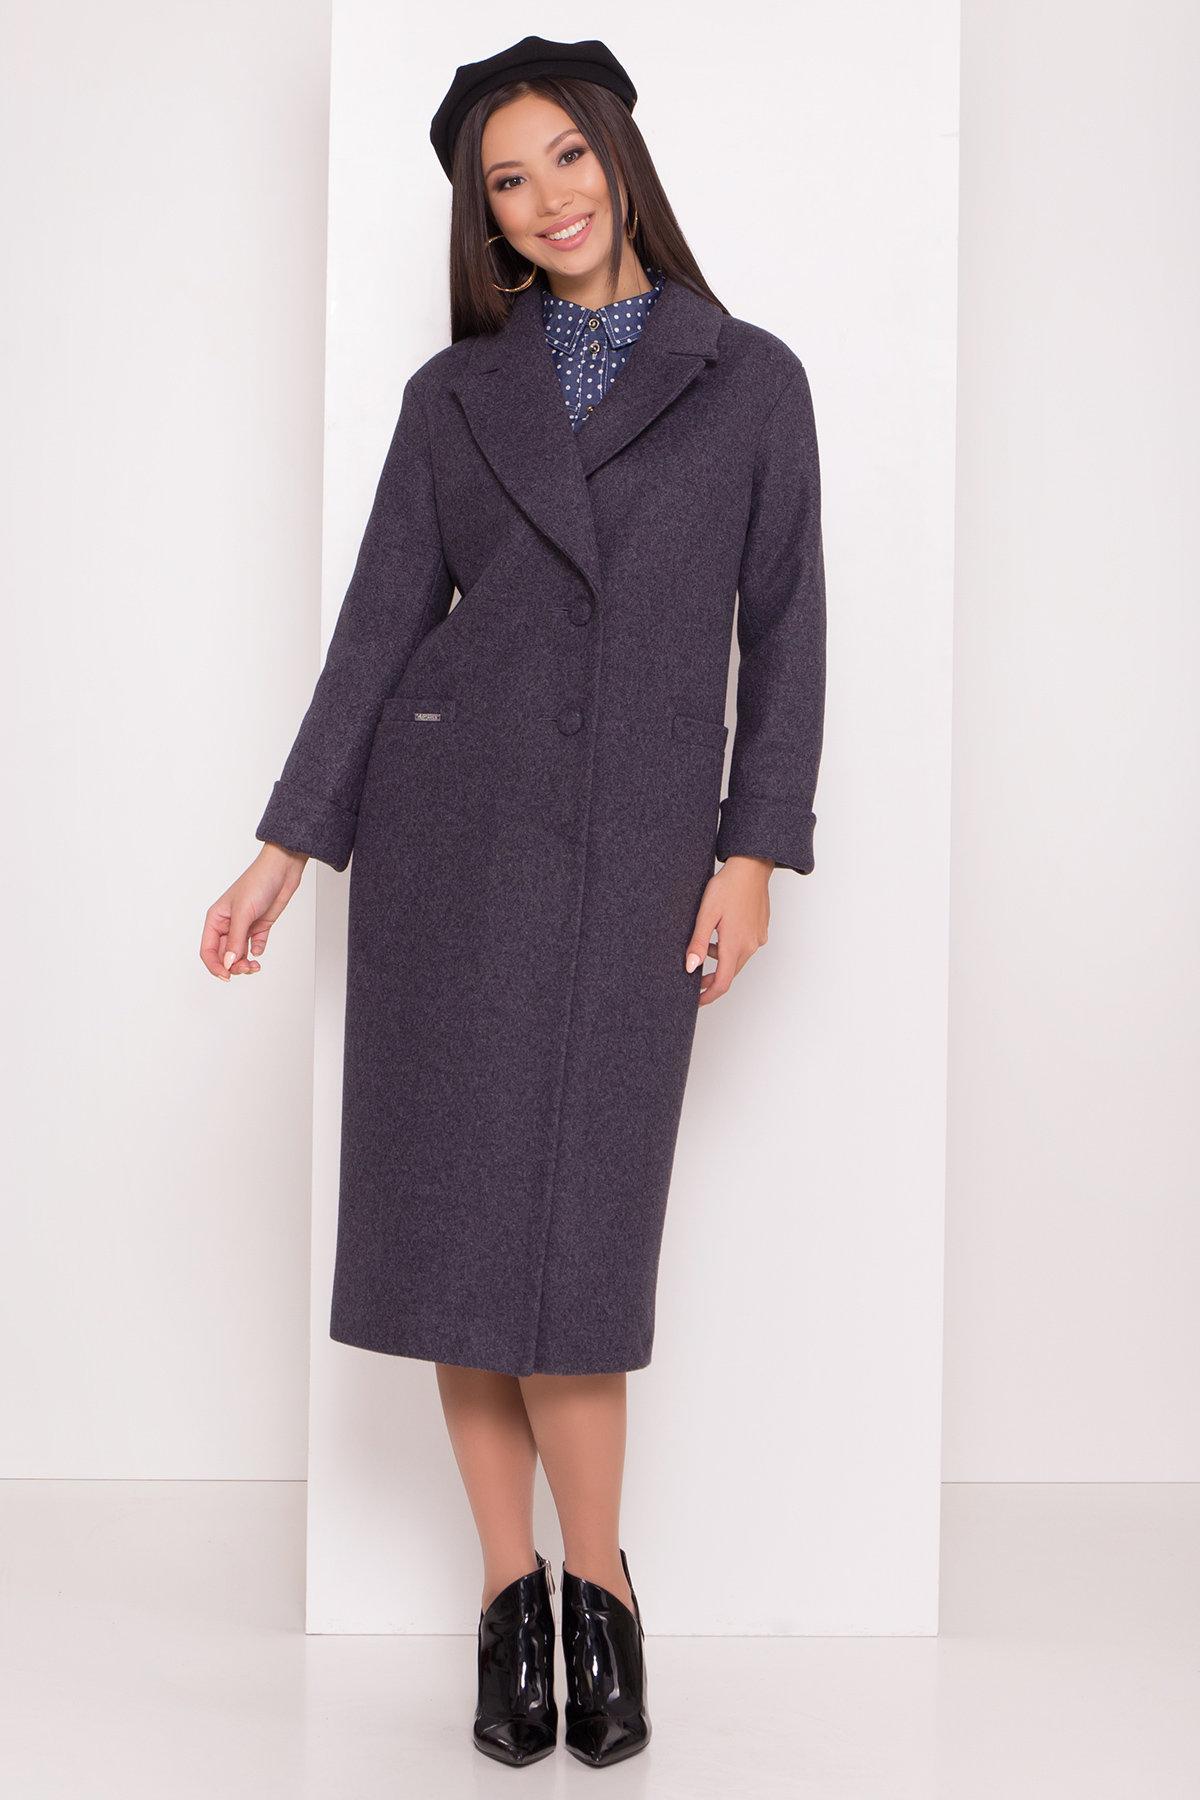 Стильное осенние пальто ниже колен с поясом Вива 8108 Цвет: т. синий 543